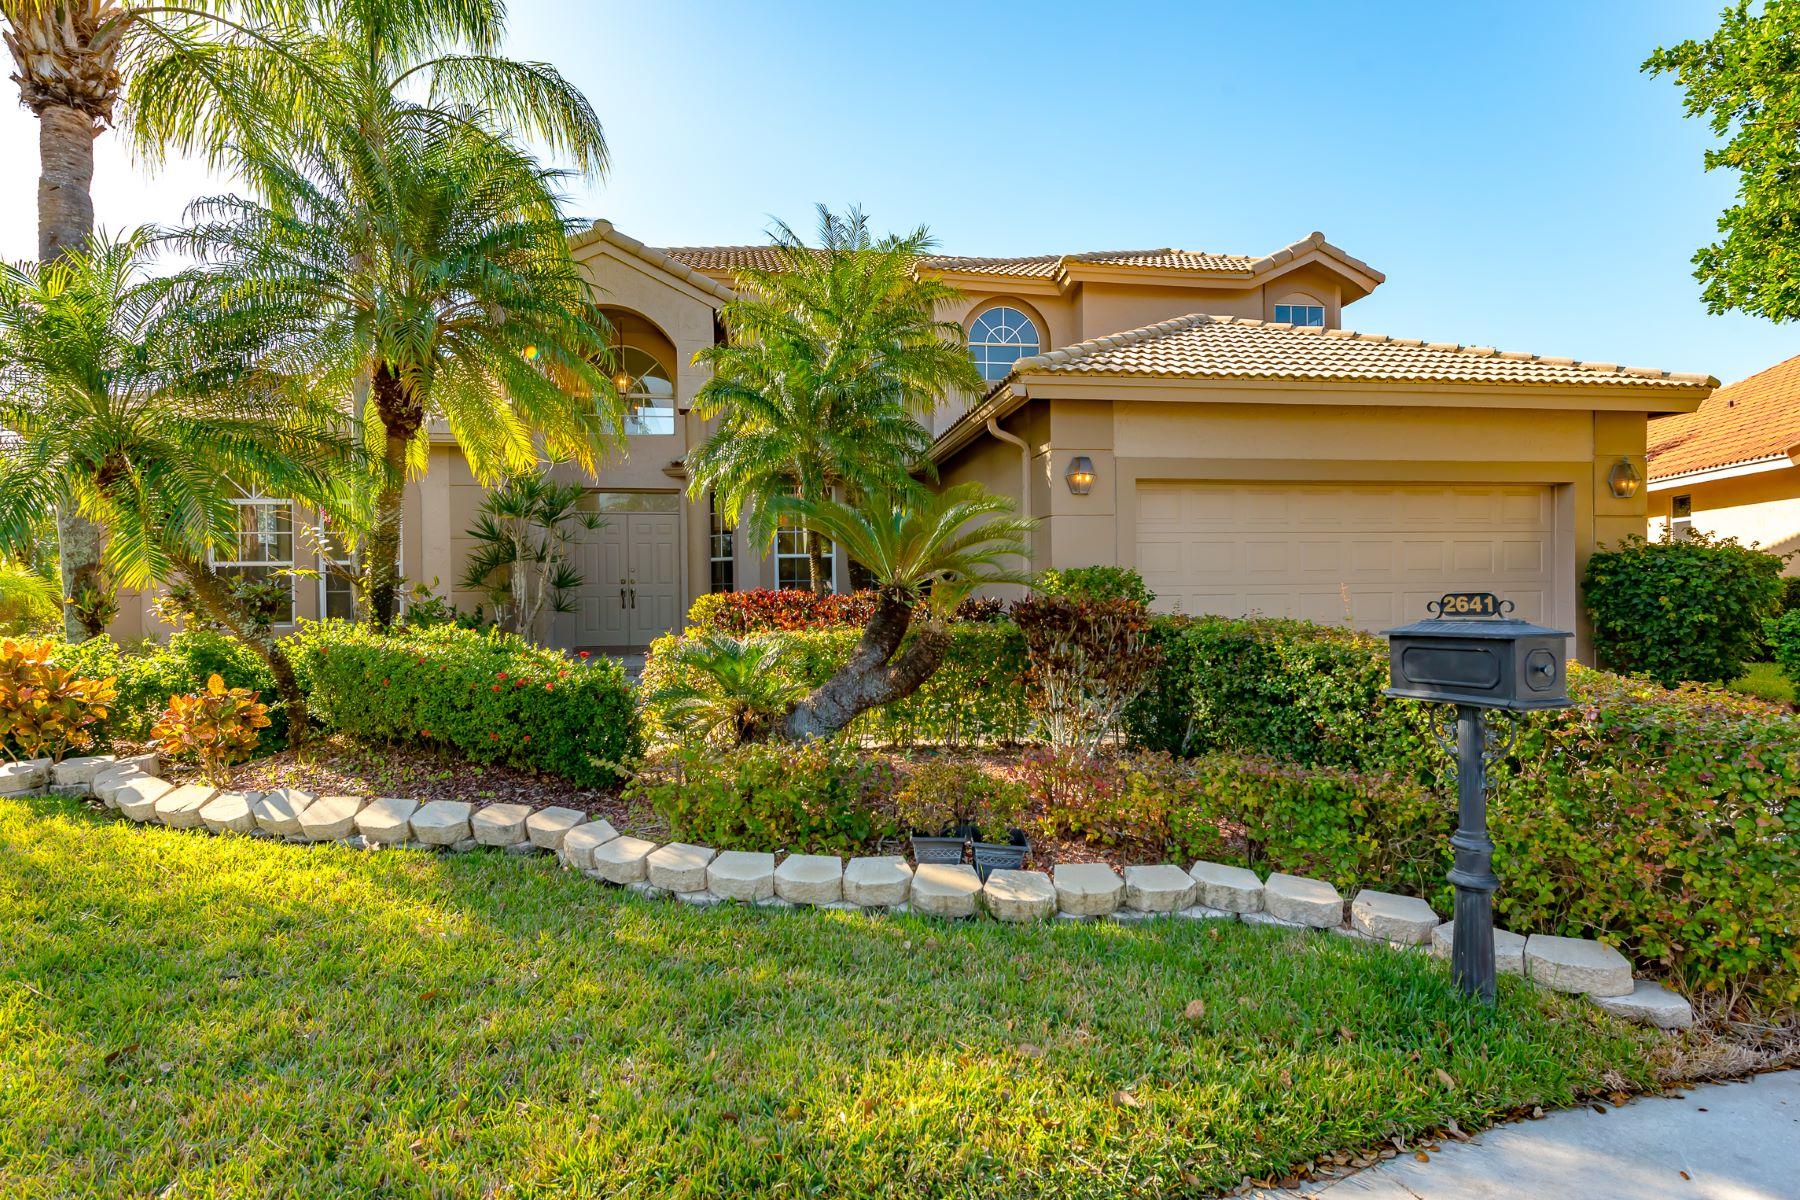 Casa Unifamiliar por un Alquiler en 2641 Nelson Ct Weston, Florida, 33332 Estados Unidos